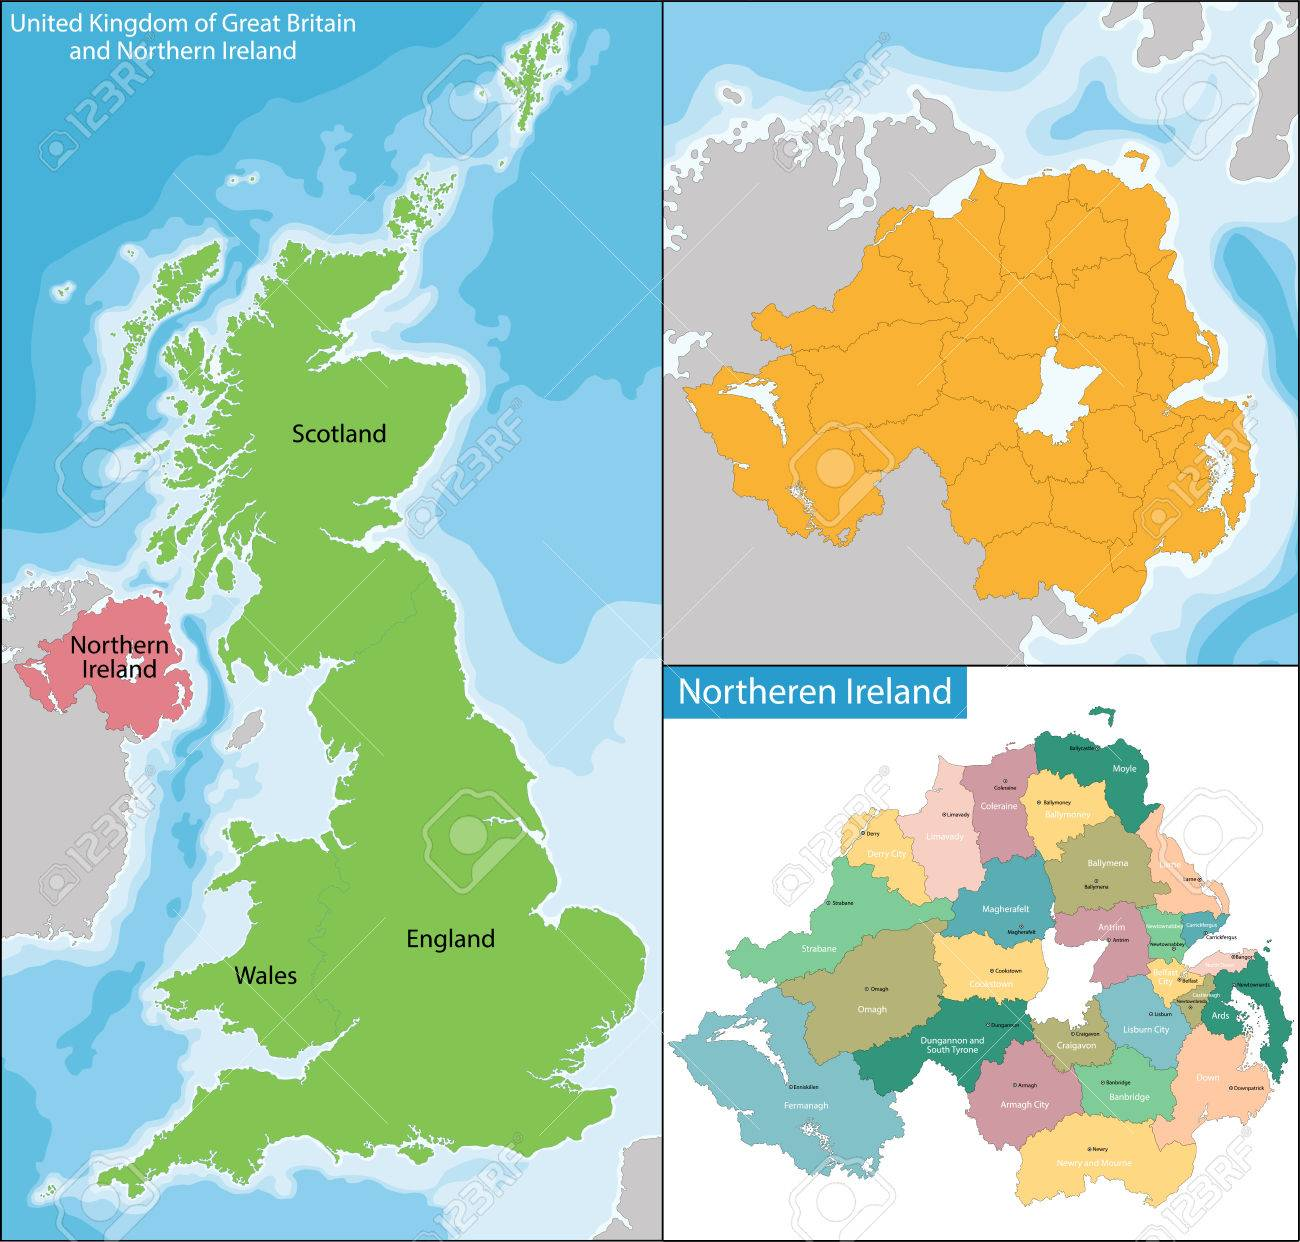 Cartina Regno Unito E Irlanda Del Nord.Vettoriale Irlanda Del Nord E Una Unita Costituente Del Regno Unito Di Gran Bretagna E Irlanda Del Nord Nel Nord Est Dell Isola D Irlanda Image 59895746